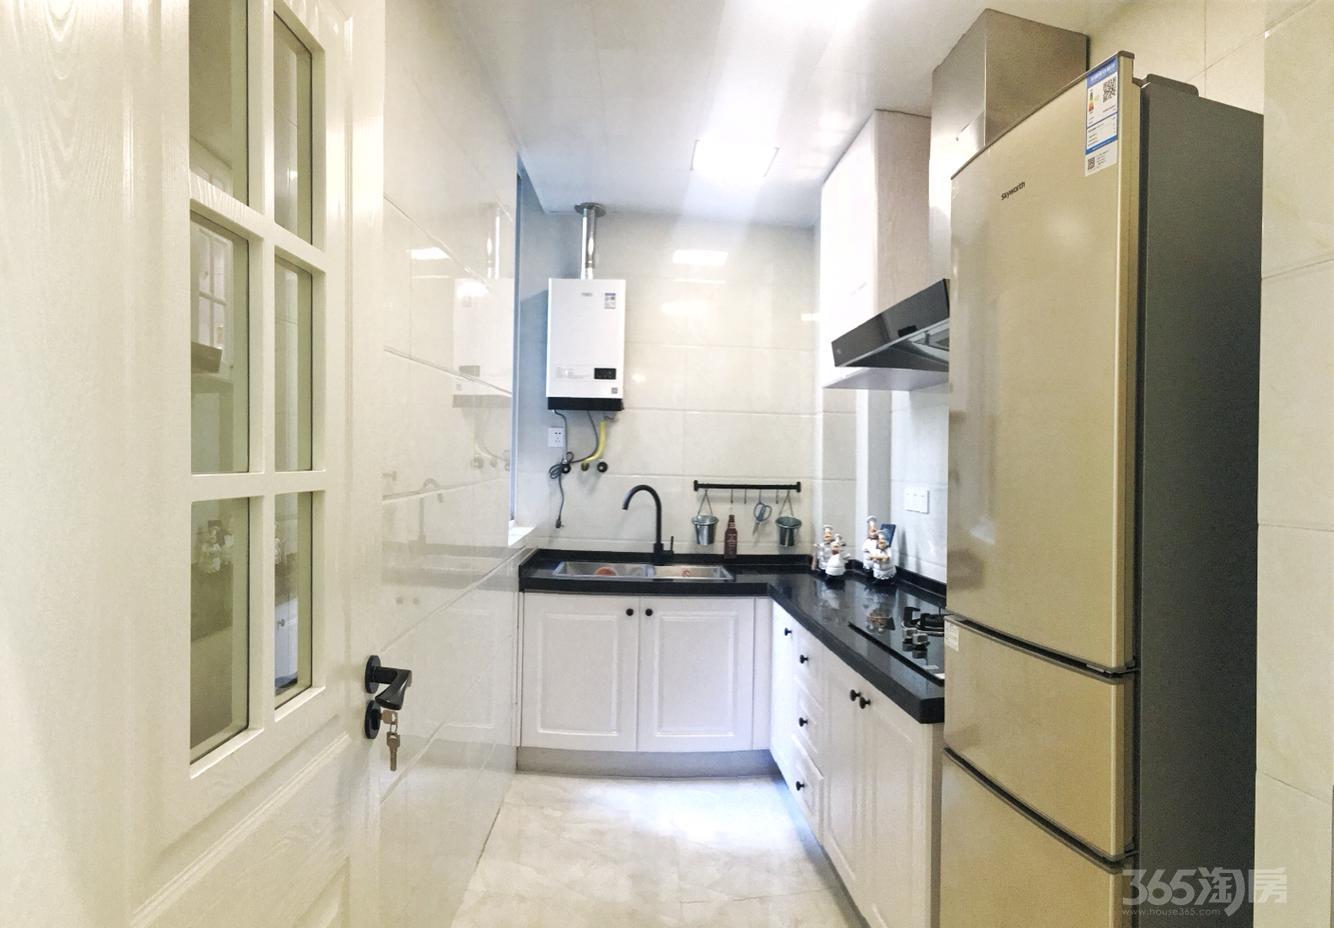 城开新都雅苑3室1厅1卫88.4平米精装产权房2017年建